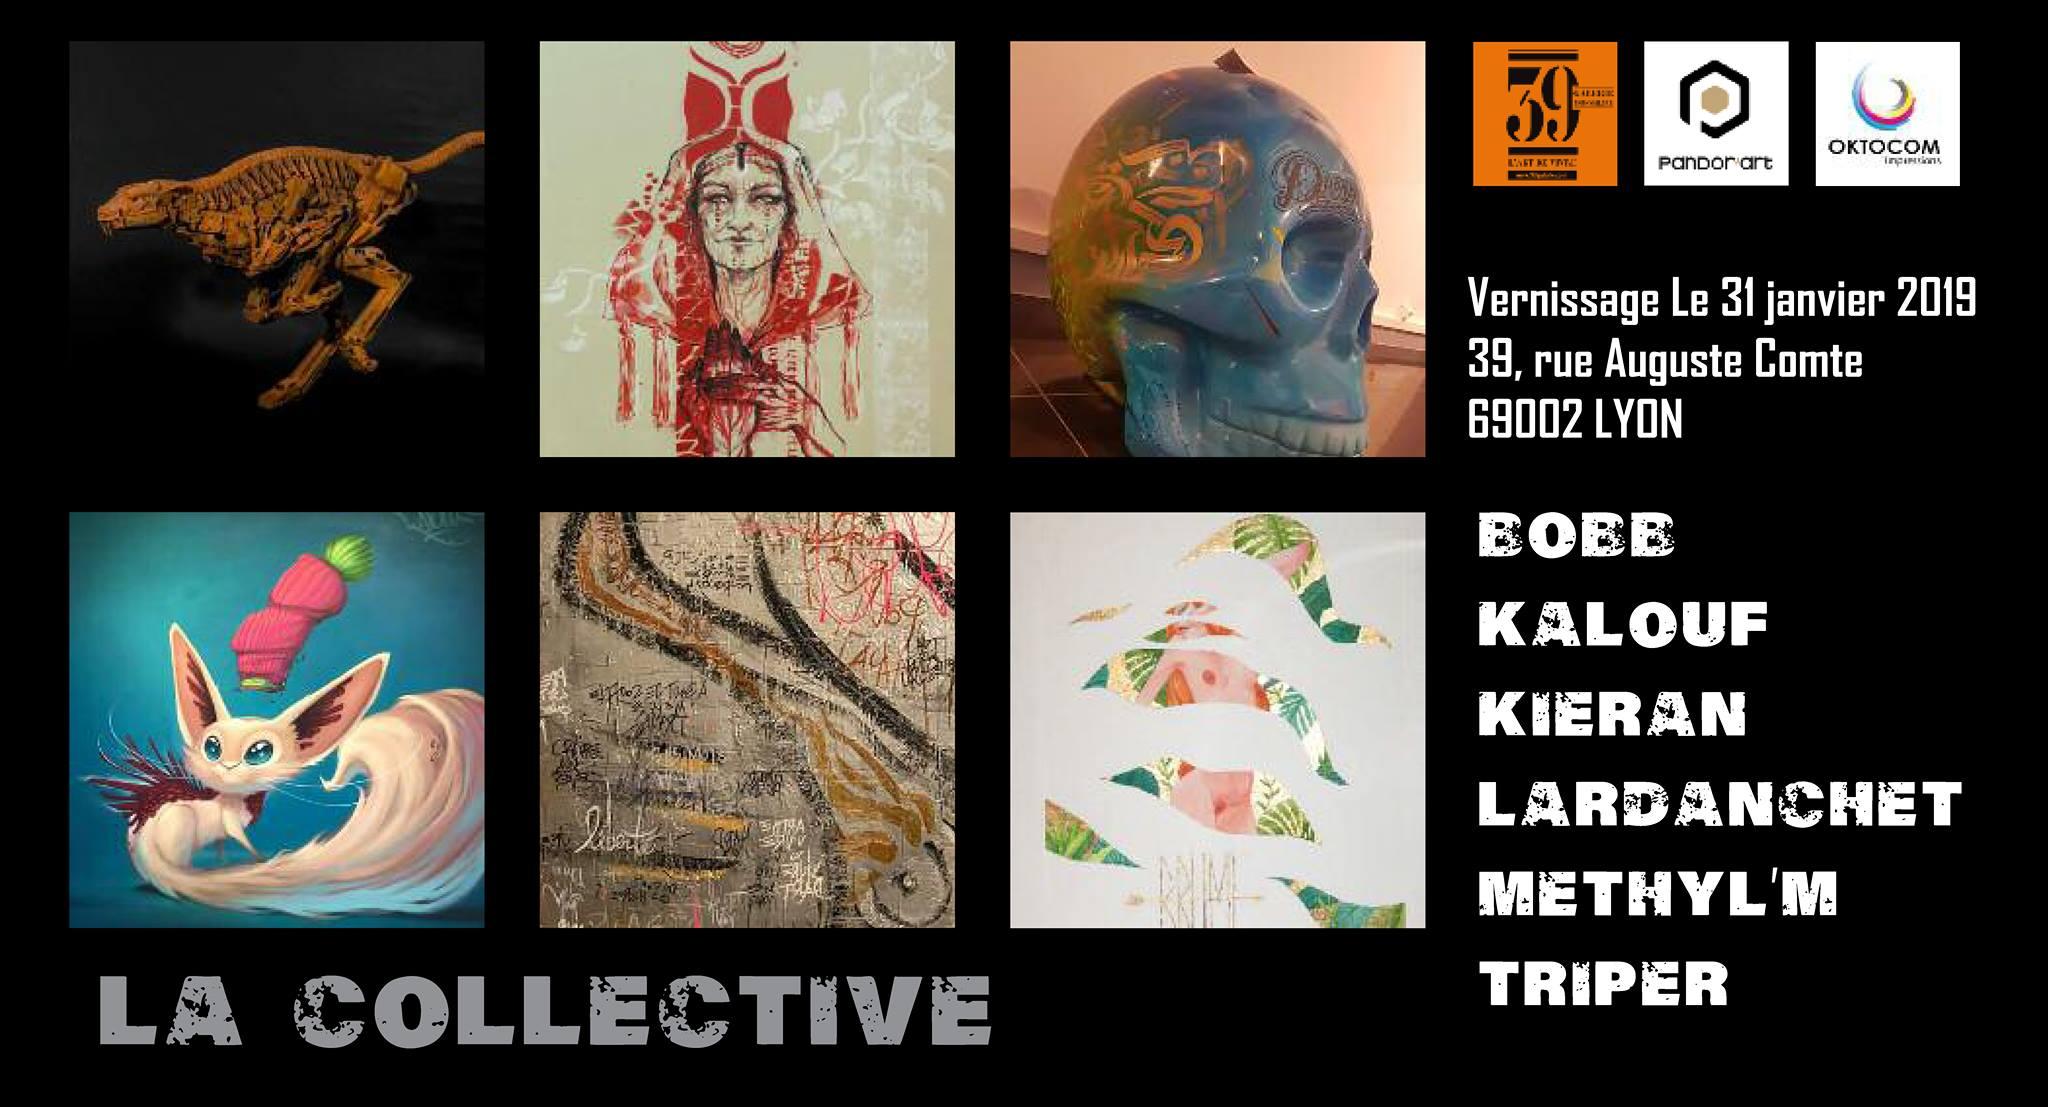 exposition collective pandorart 39 galerie lyon